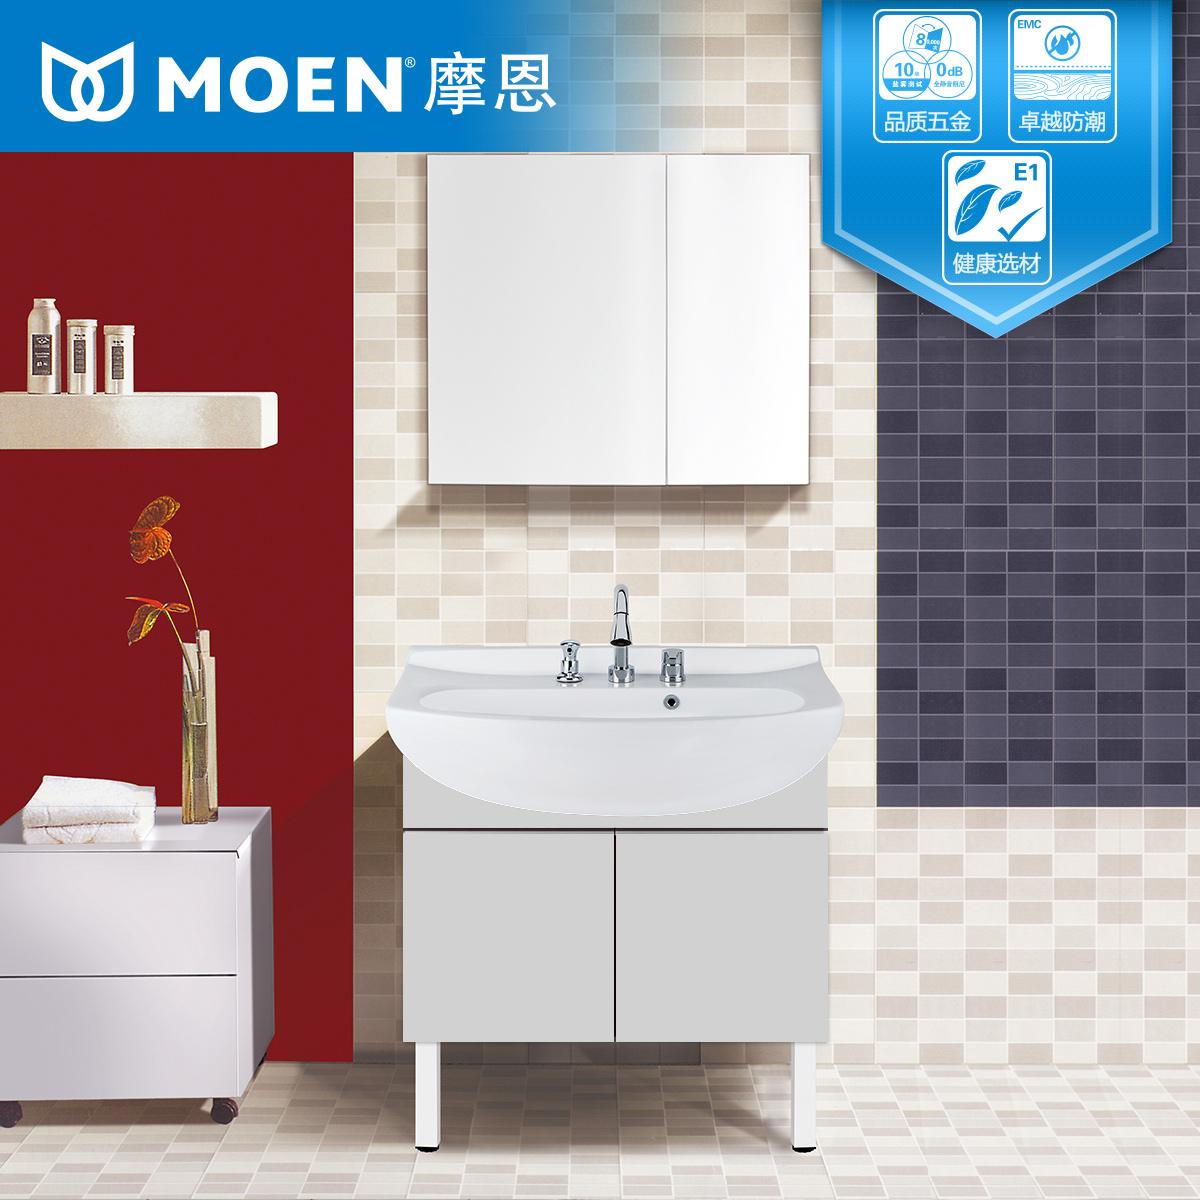 摩恩落地浴室柜组合套装卫生间洗漱台洗脸台盆柜现代简约优诗美地(用1元券)